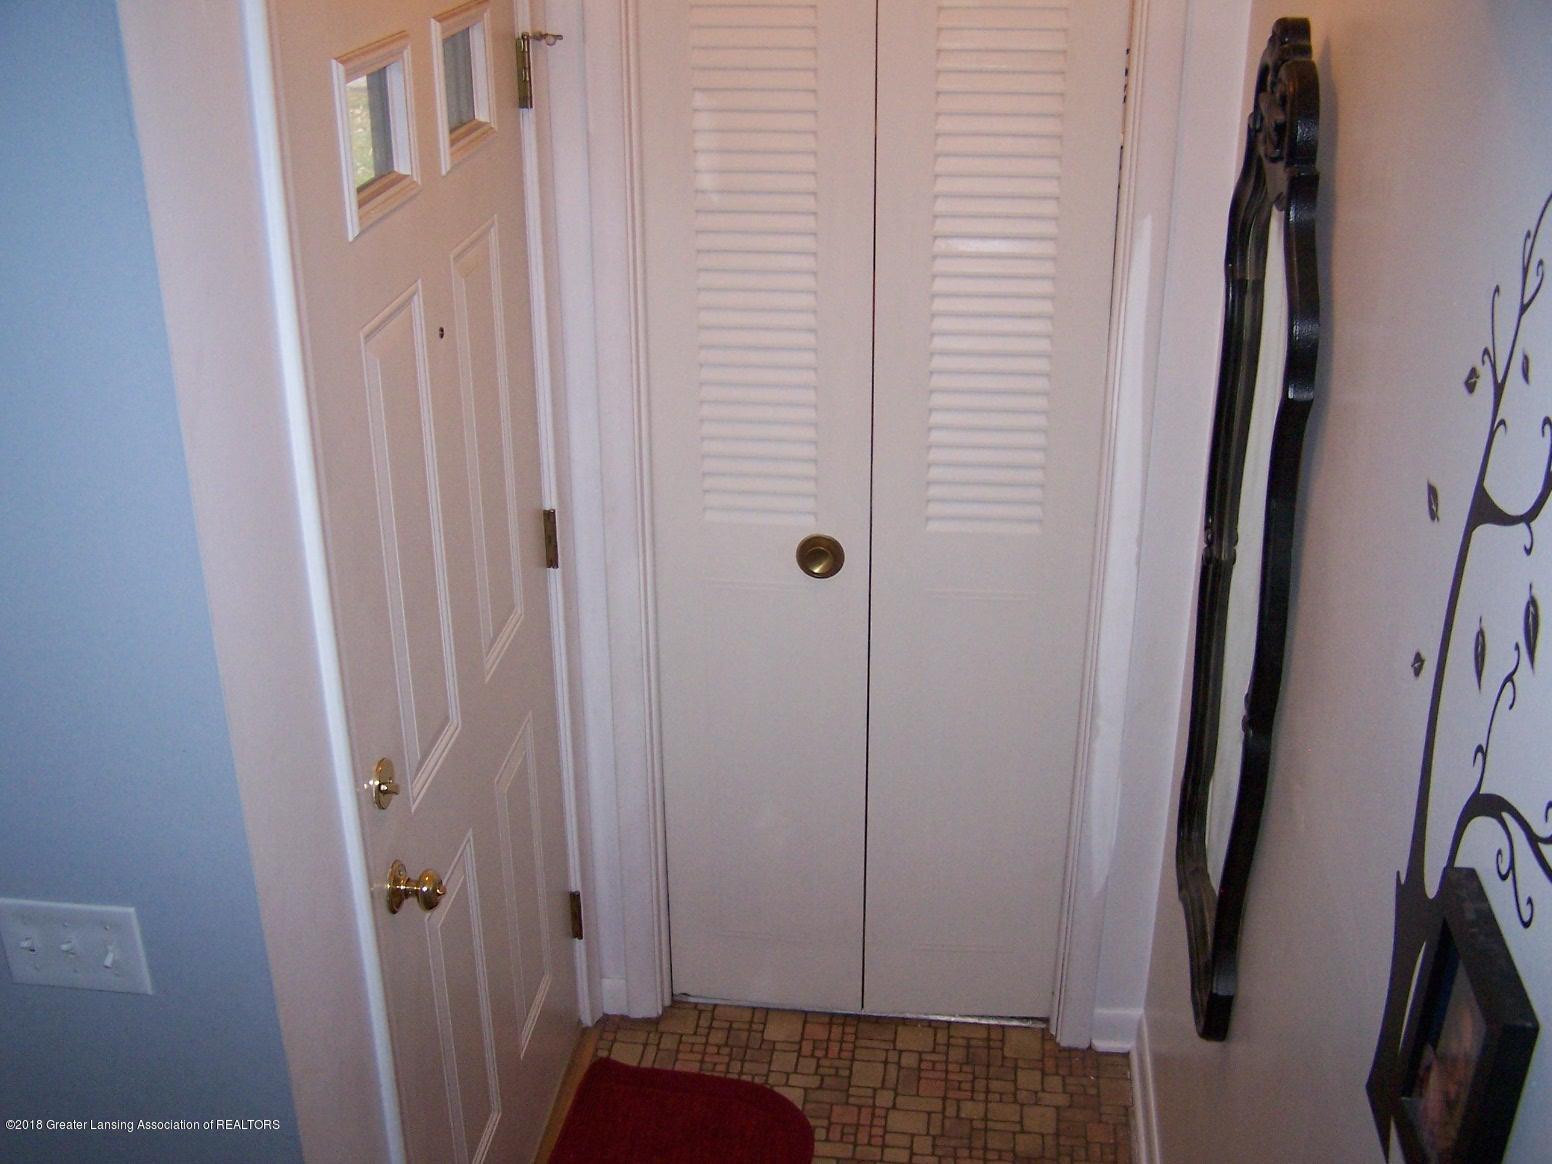 805 Raeburn Rd - Front Door - 2